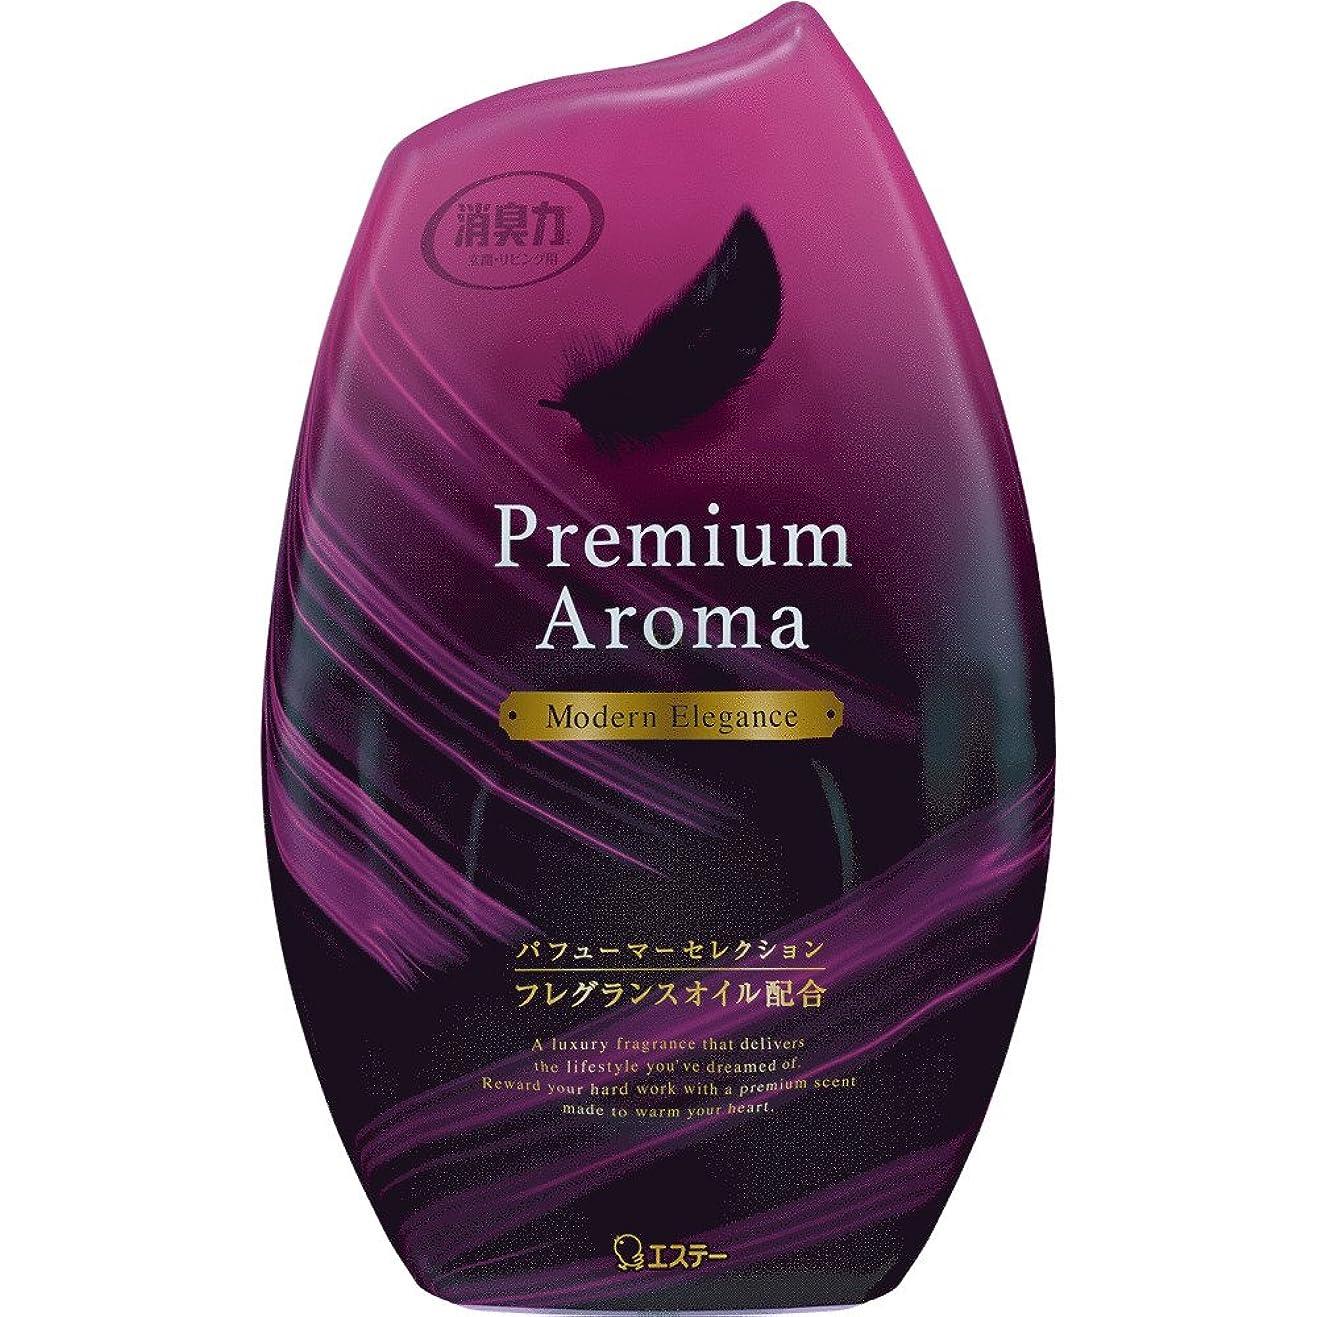 好きであるビジネス処理お部屋の消臭力 プレミアムアロマ Premium Aroma 消臭芳香剤 部屋用 部屋 モダンエレガンスの香り 400ml